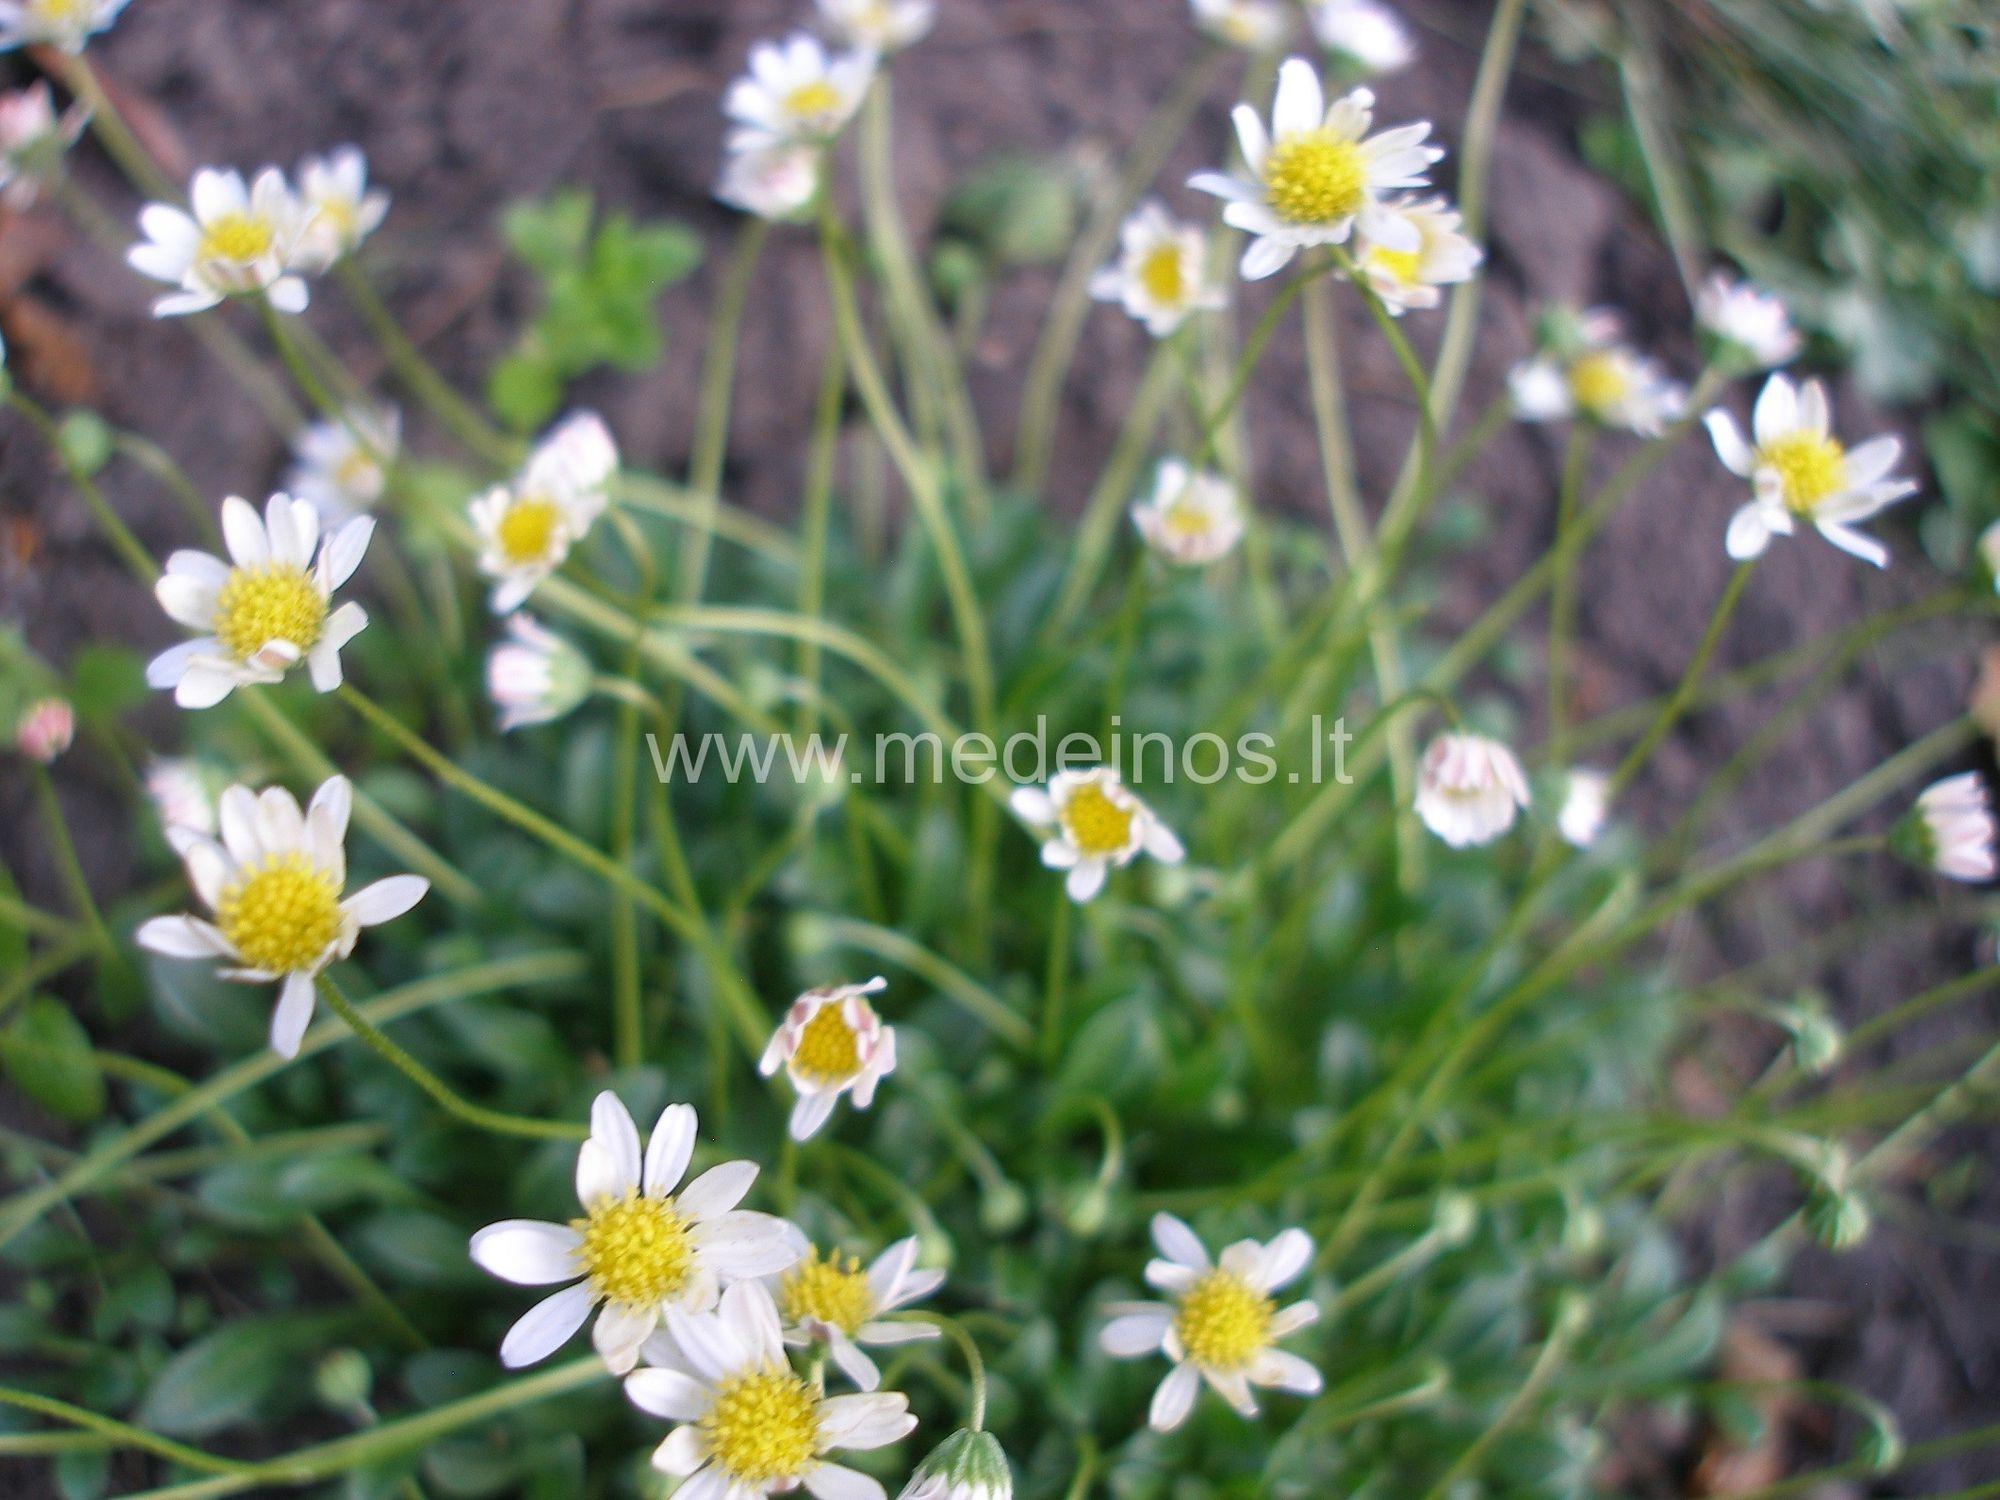 Šluotelinė uolaskėlė (Saxifraga paniculata)